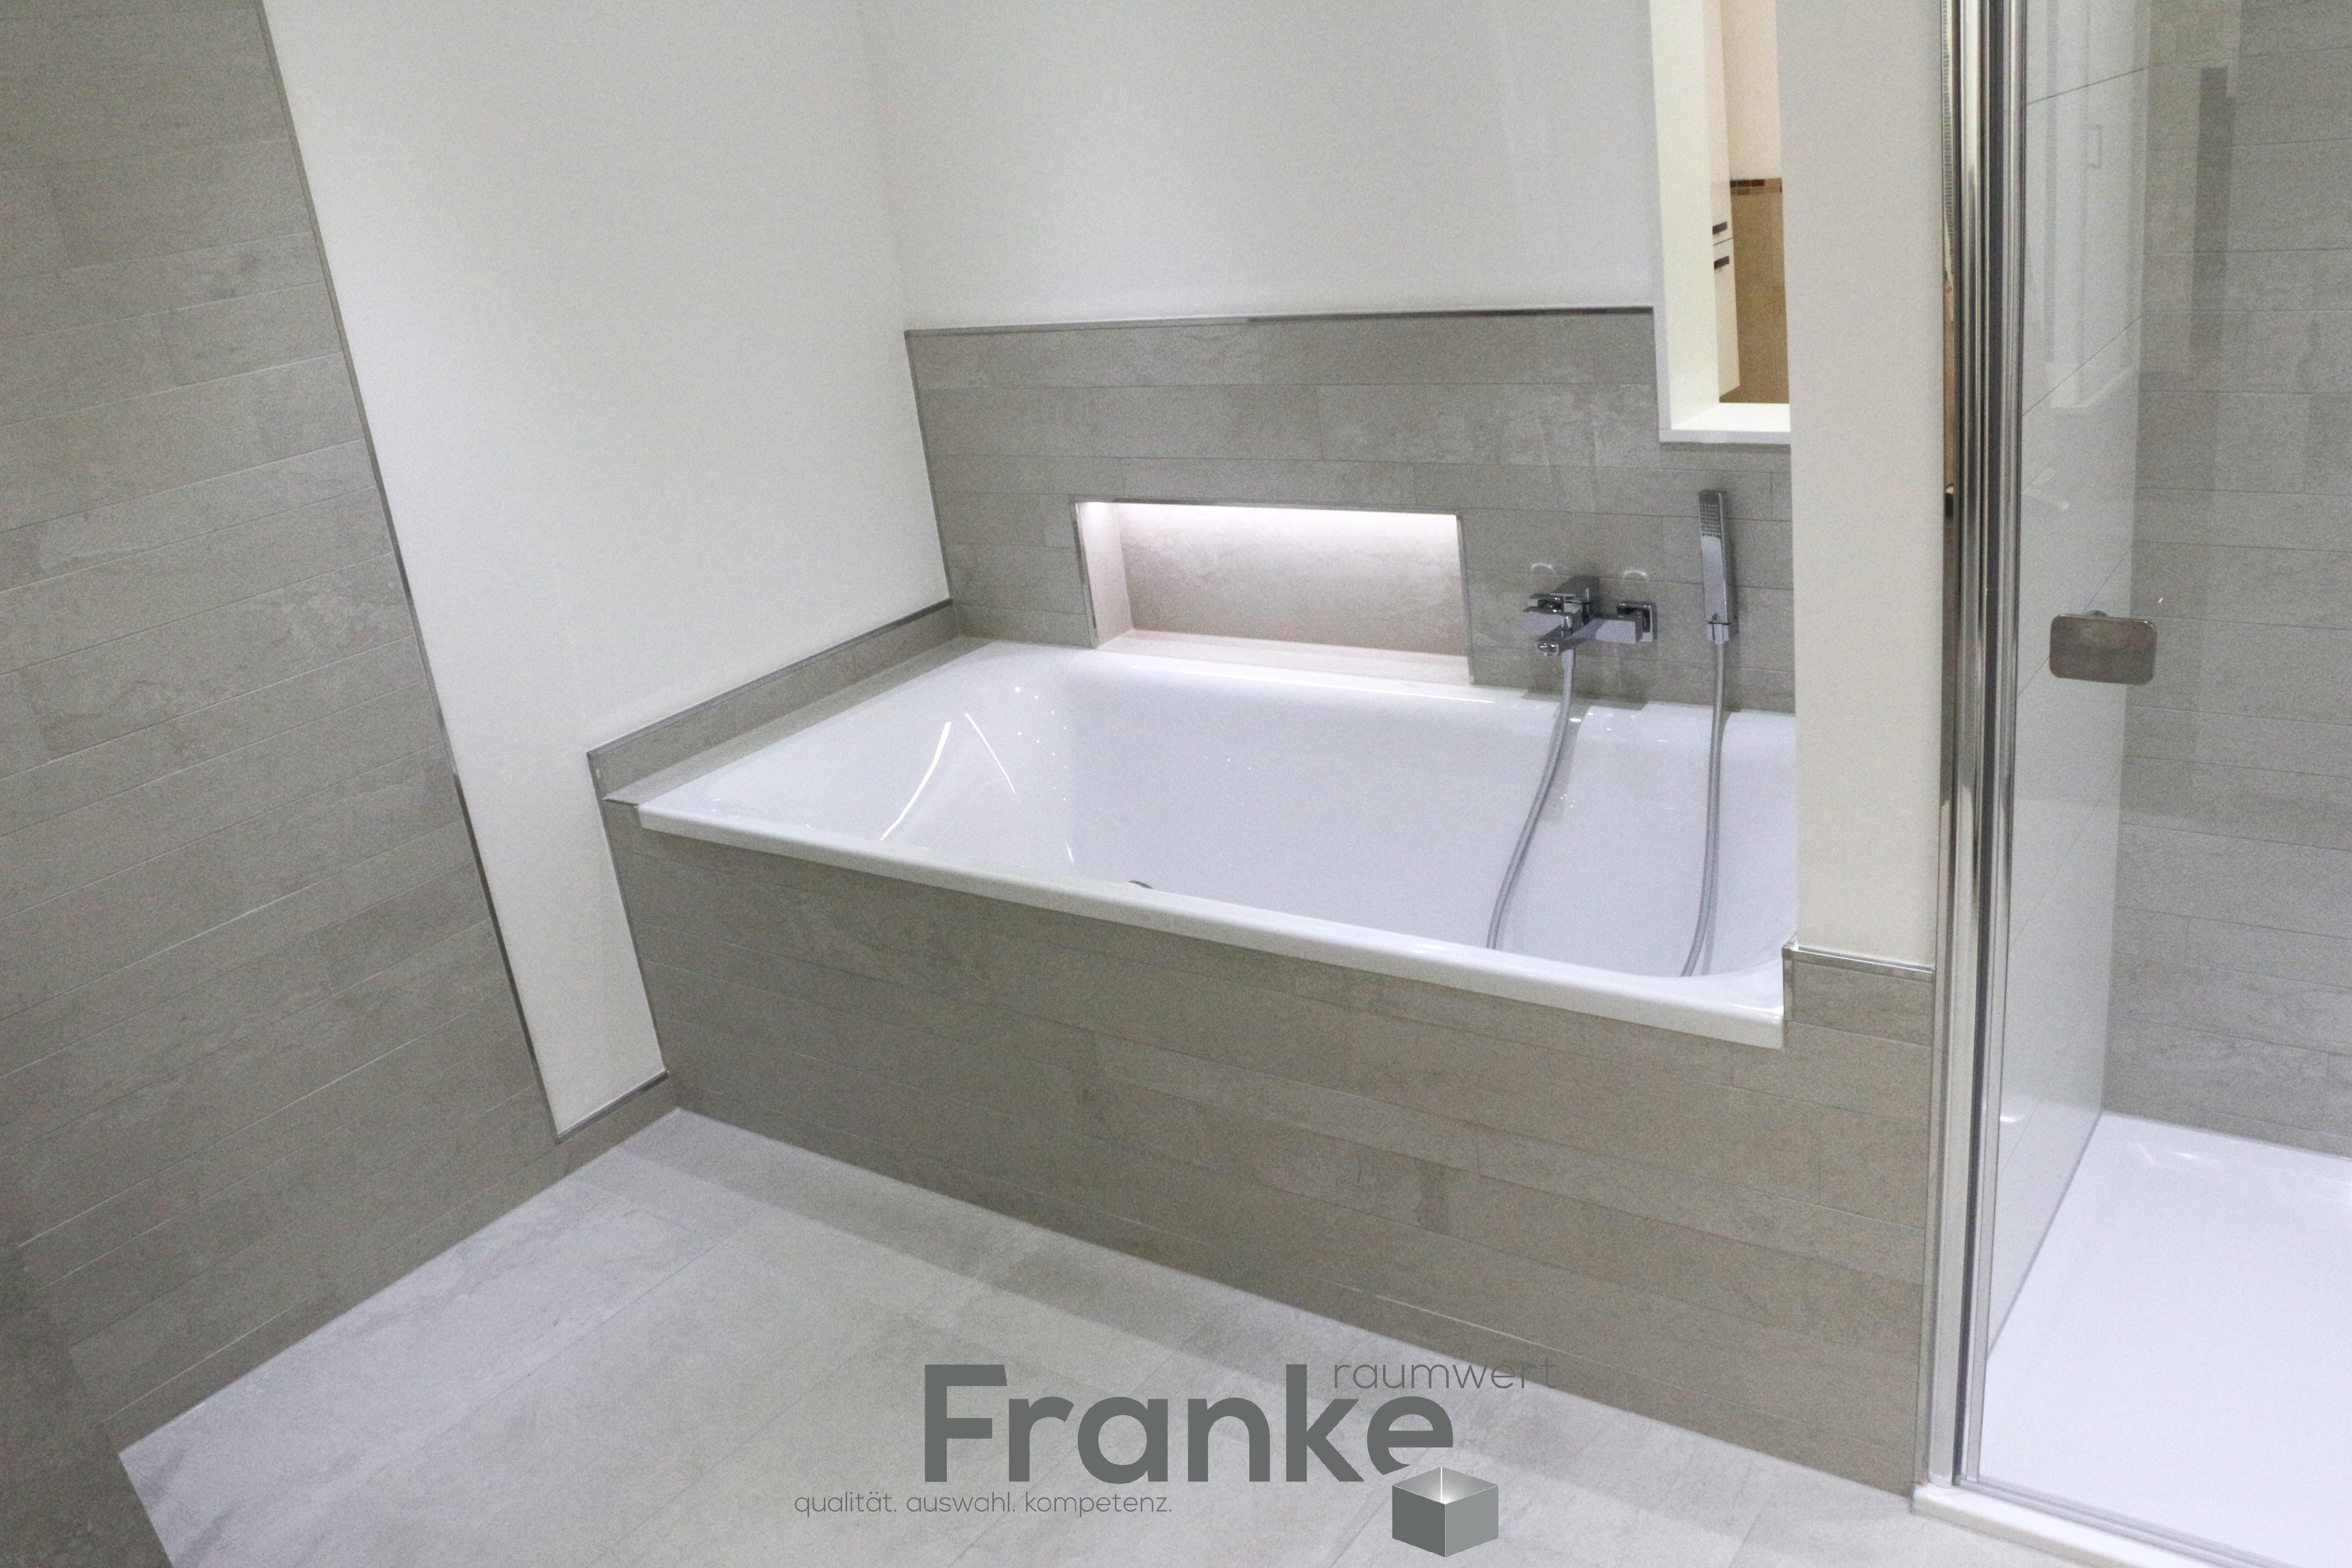 Badezimmer ideen klein grau die schönsten badezimmer ideen  house bath and interiors